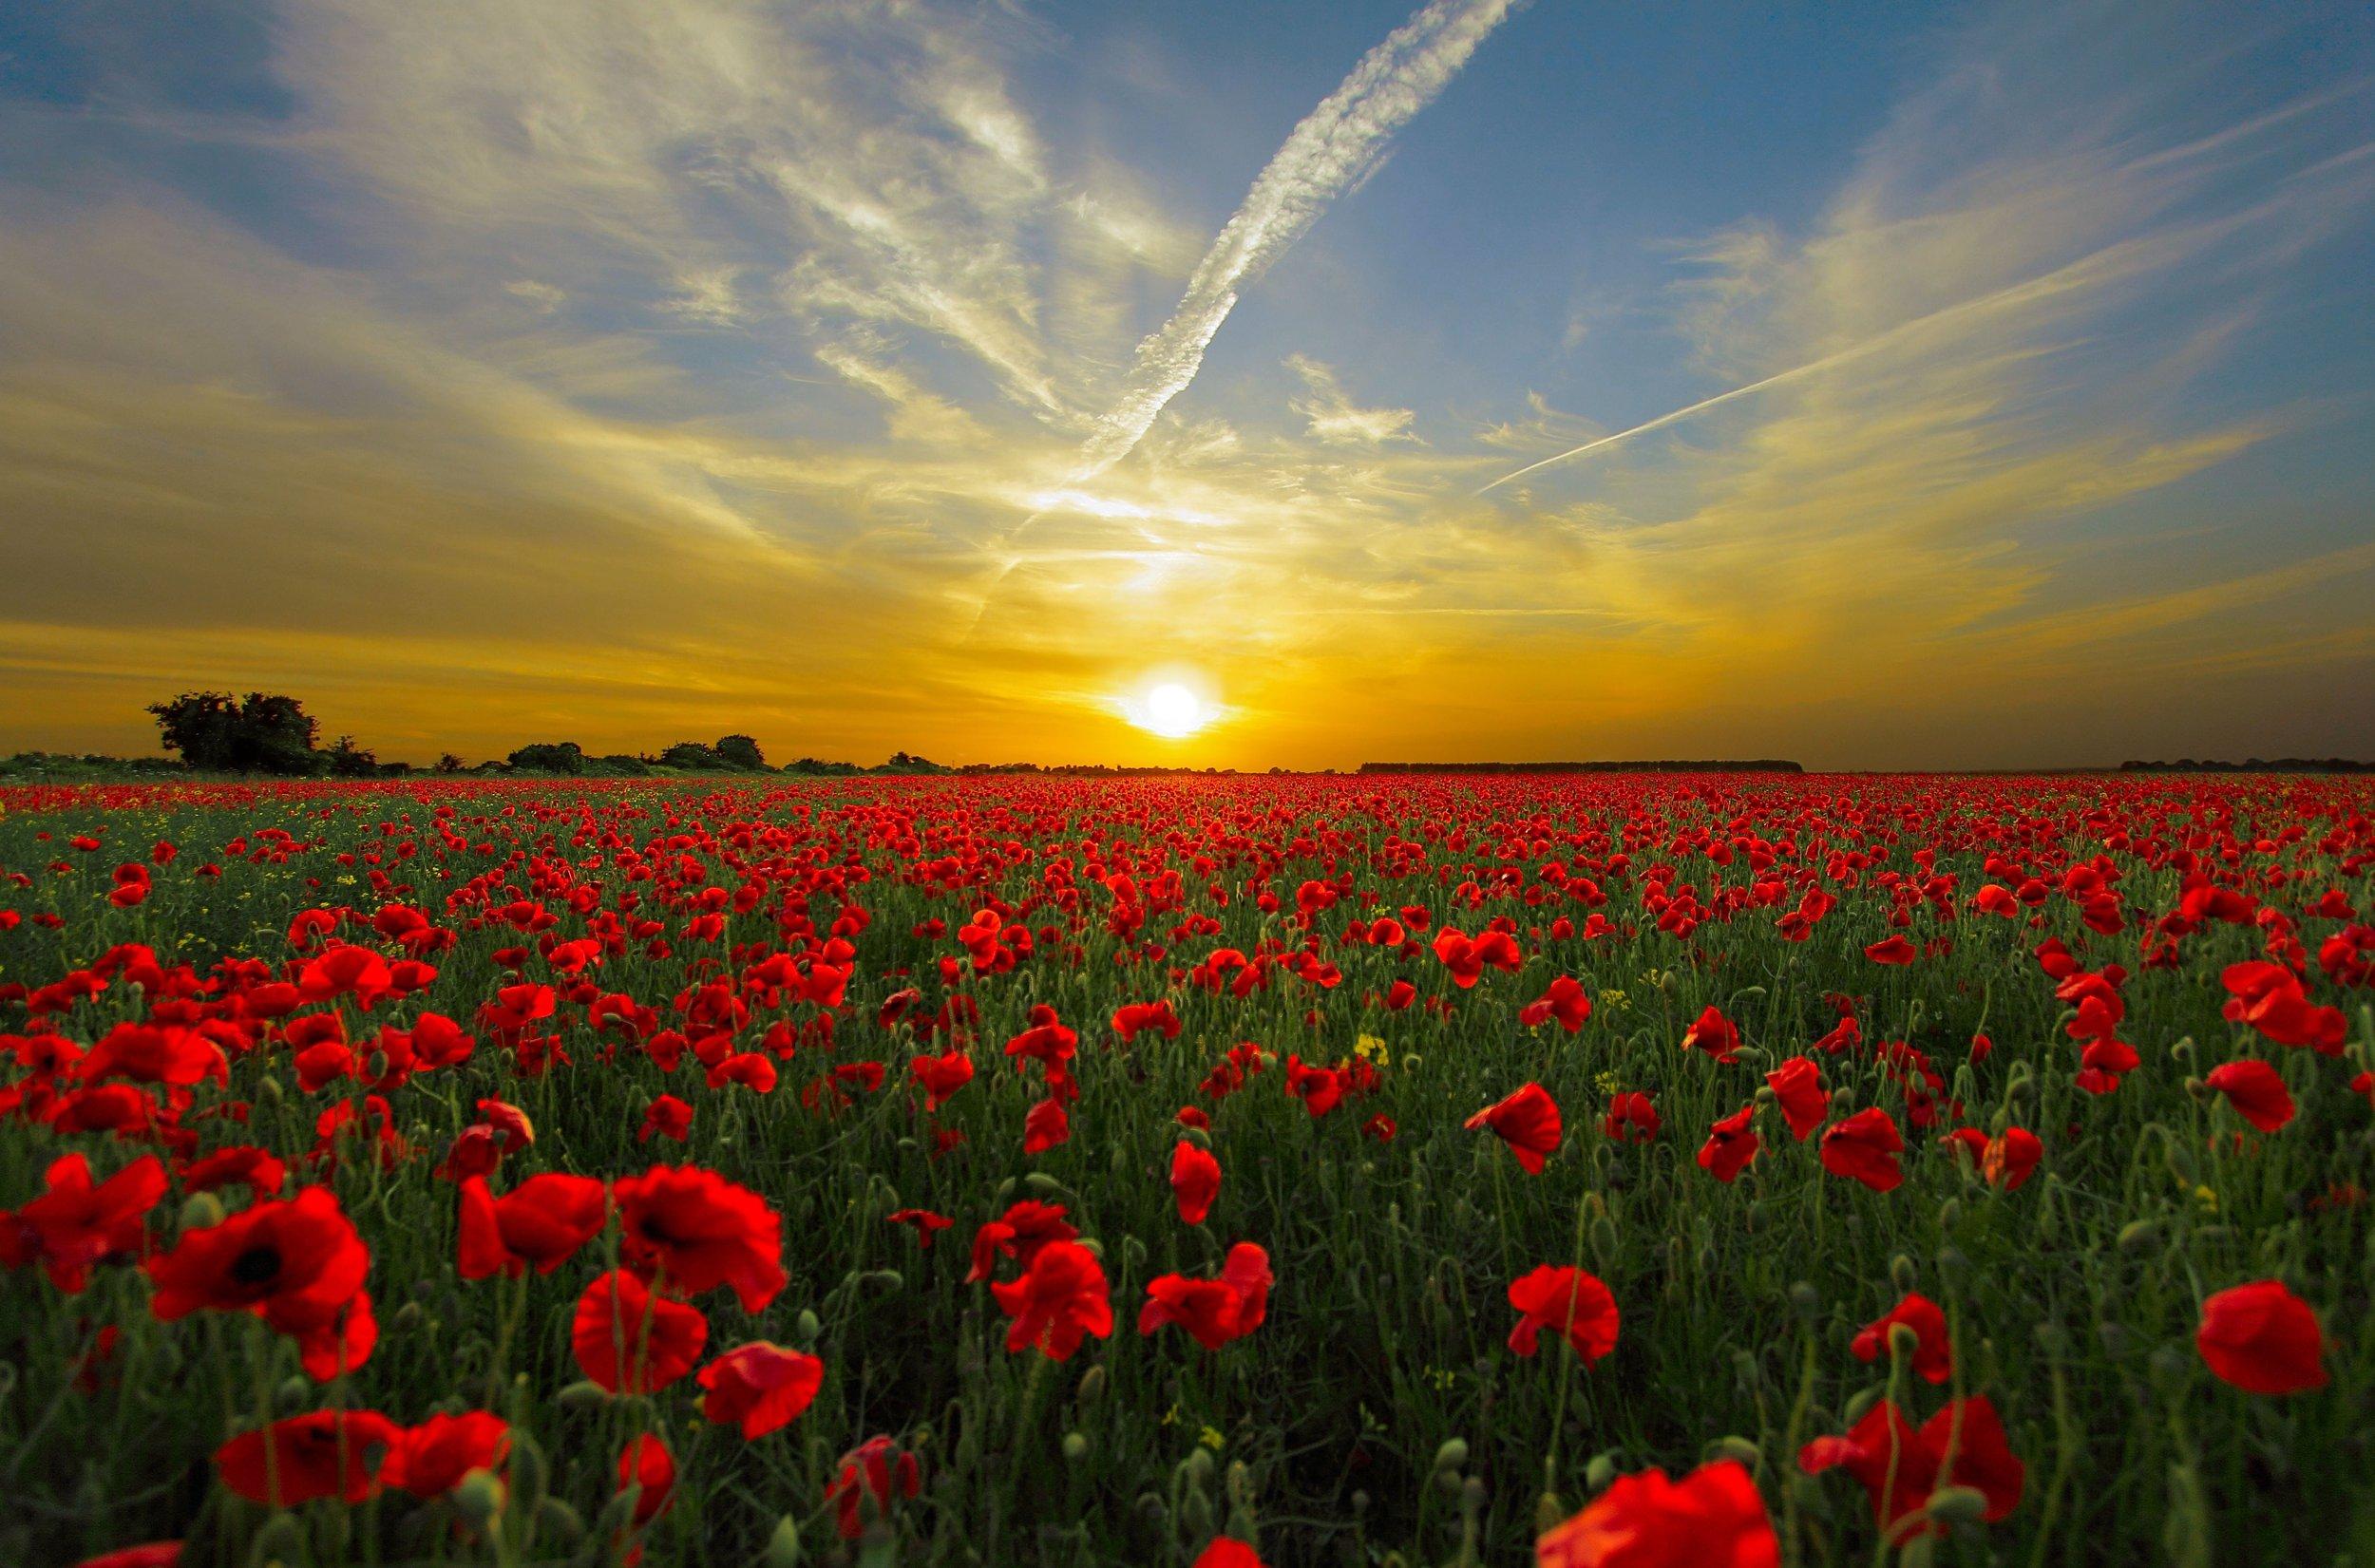 L'homme heureux est celui qui se retrouve avec plaisir au réveil, se reconnaît celui qu'il aime être.